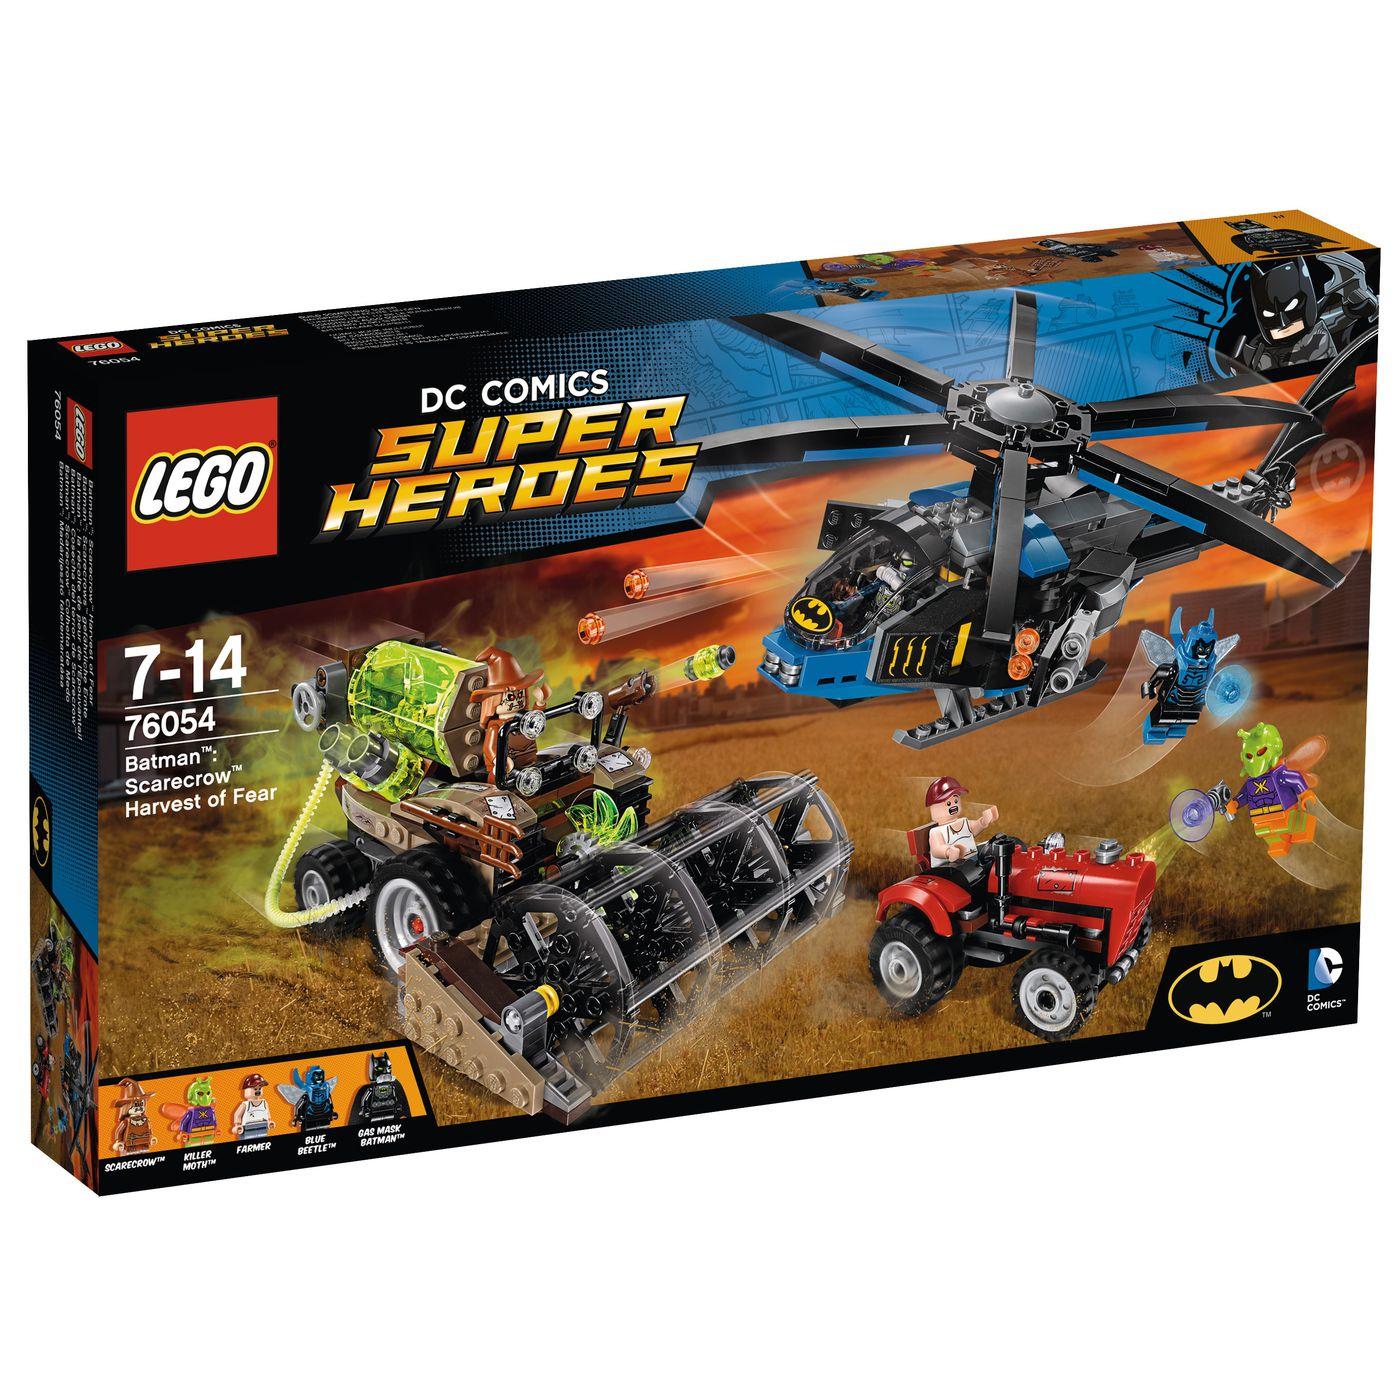 LEGO DC Universe Super Heroes Batman: Scarecrows gefährliche Ernte 76054 für 44,99€ + weitere Lego-Sets bei [Jako-O]